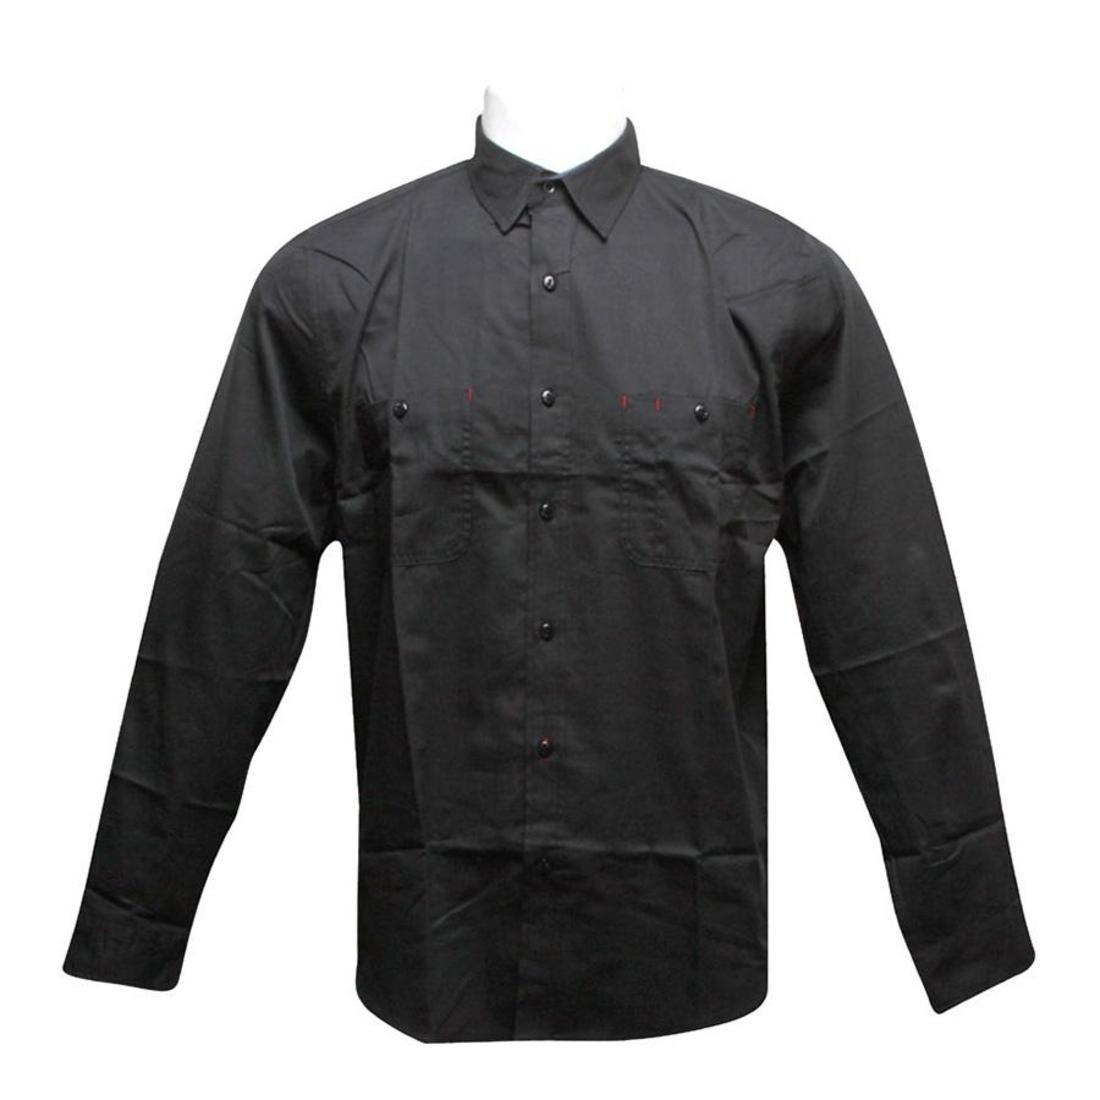 【海外限定】ハフ トップス メンズファッション 【 HUF WORK SHIRT BLACK 】